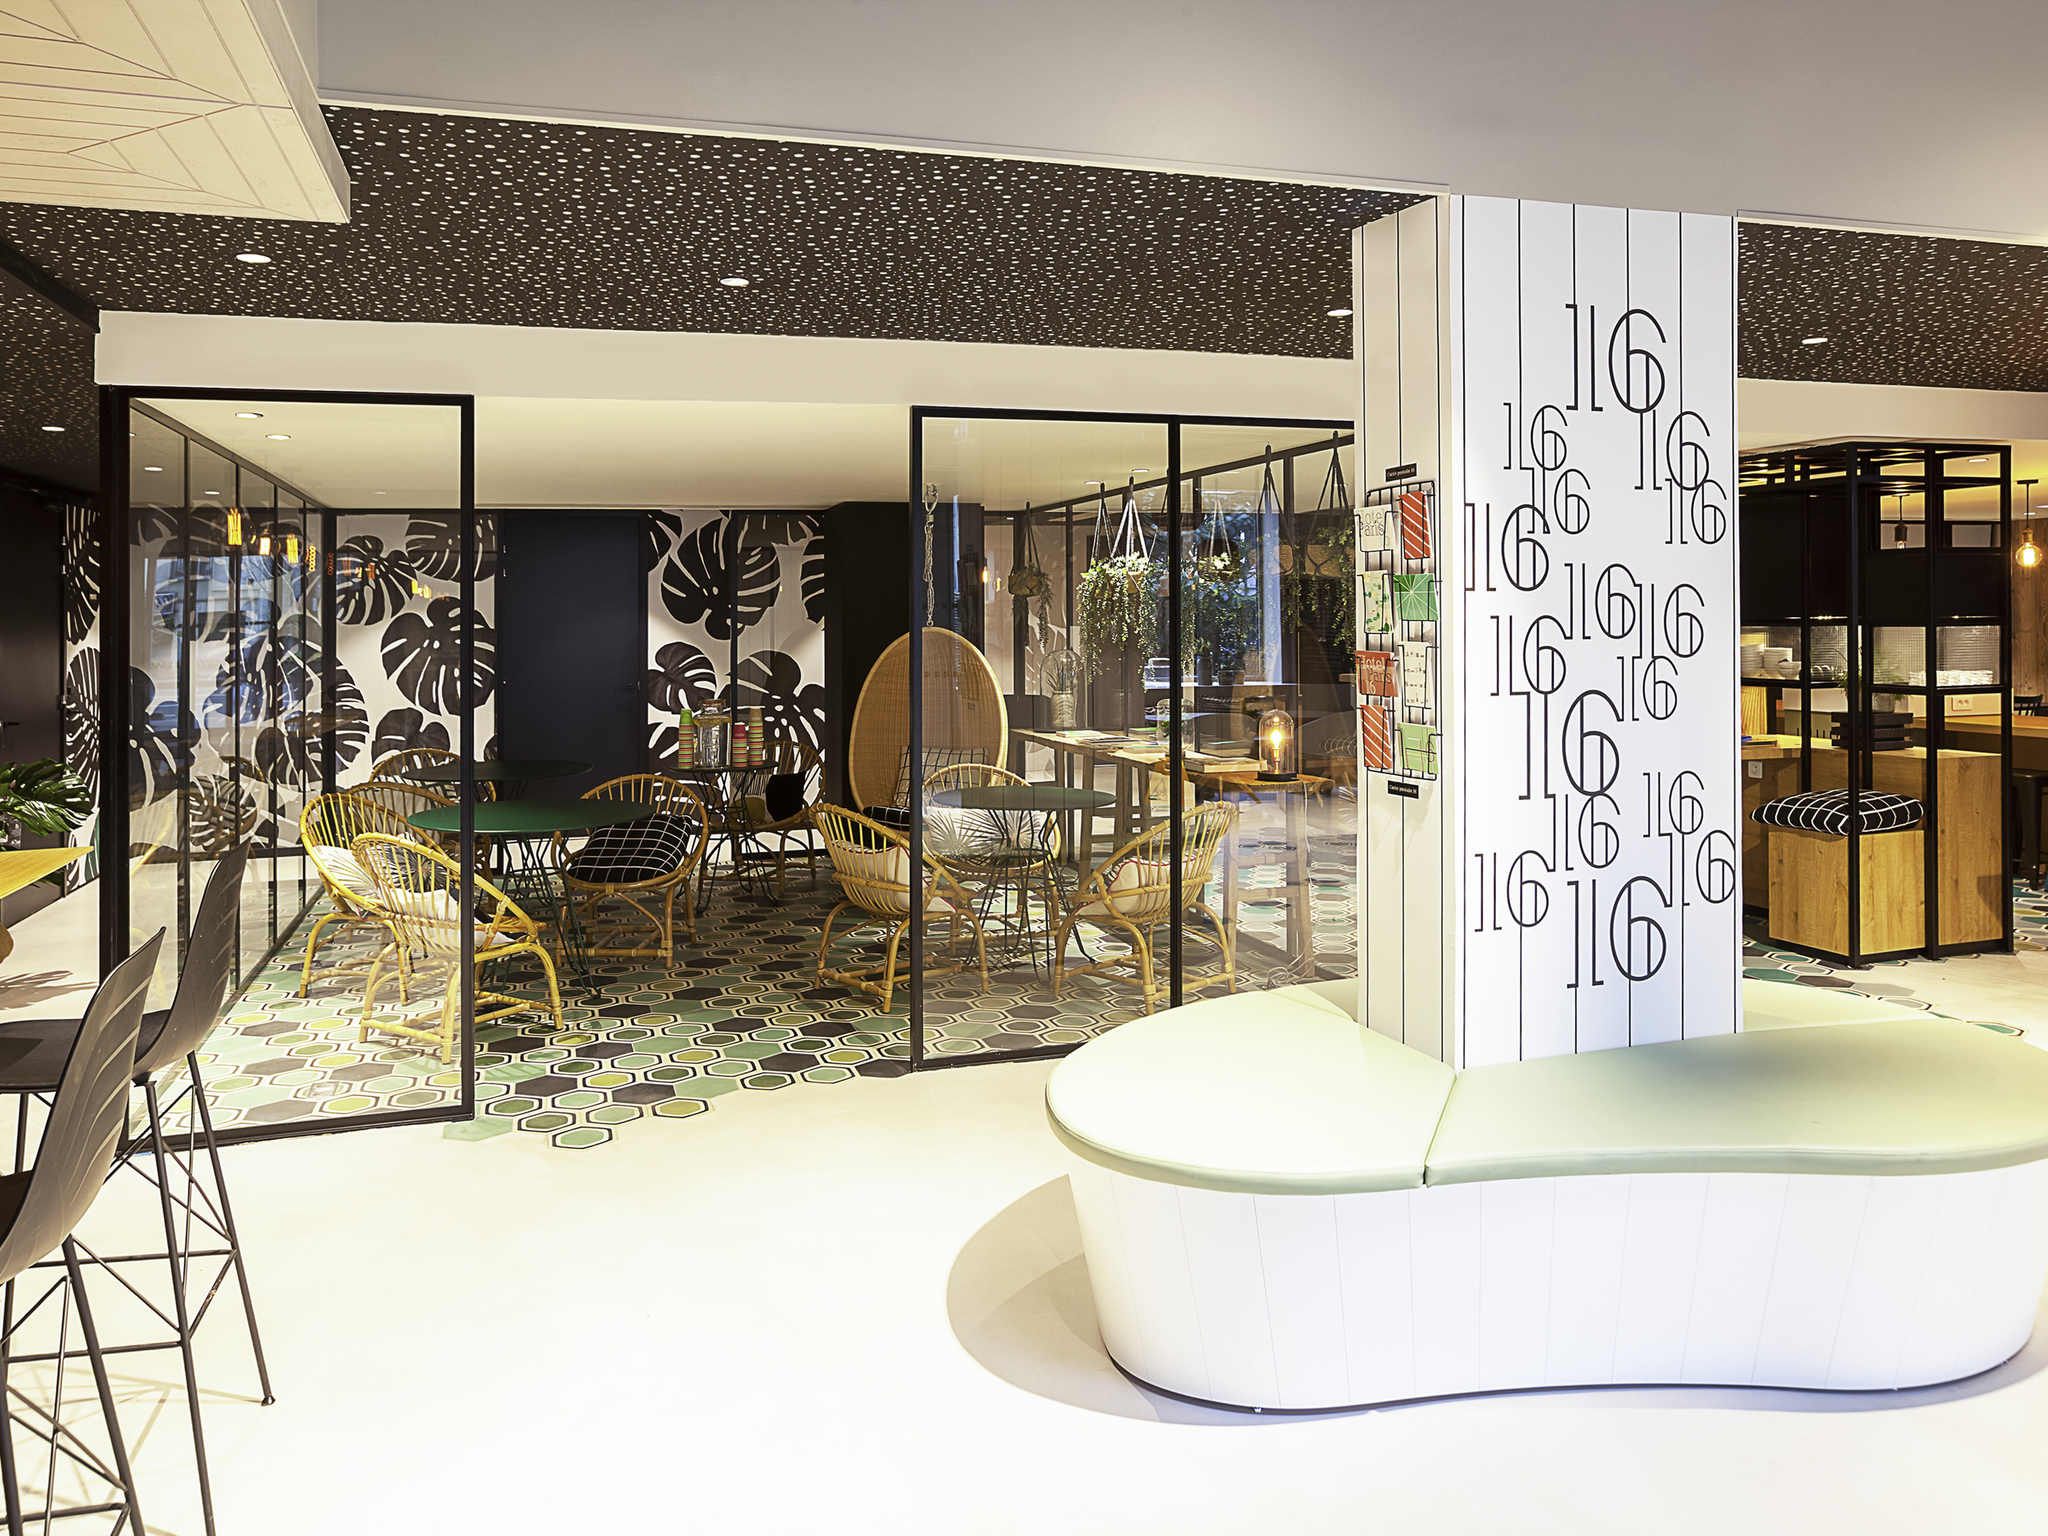 โรงแรม – โรงแรมไอบิส สไตล์ ปารีส 16 บูโลญ (เปิดพฤศจิกายน 2017)